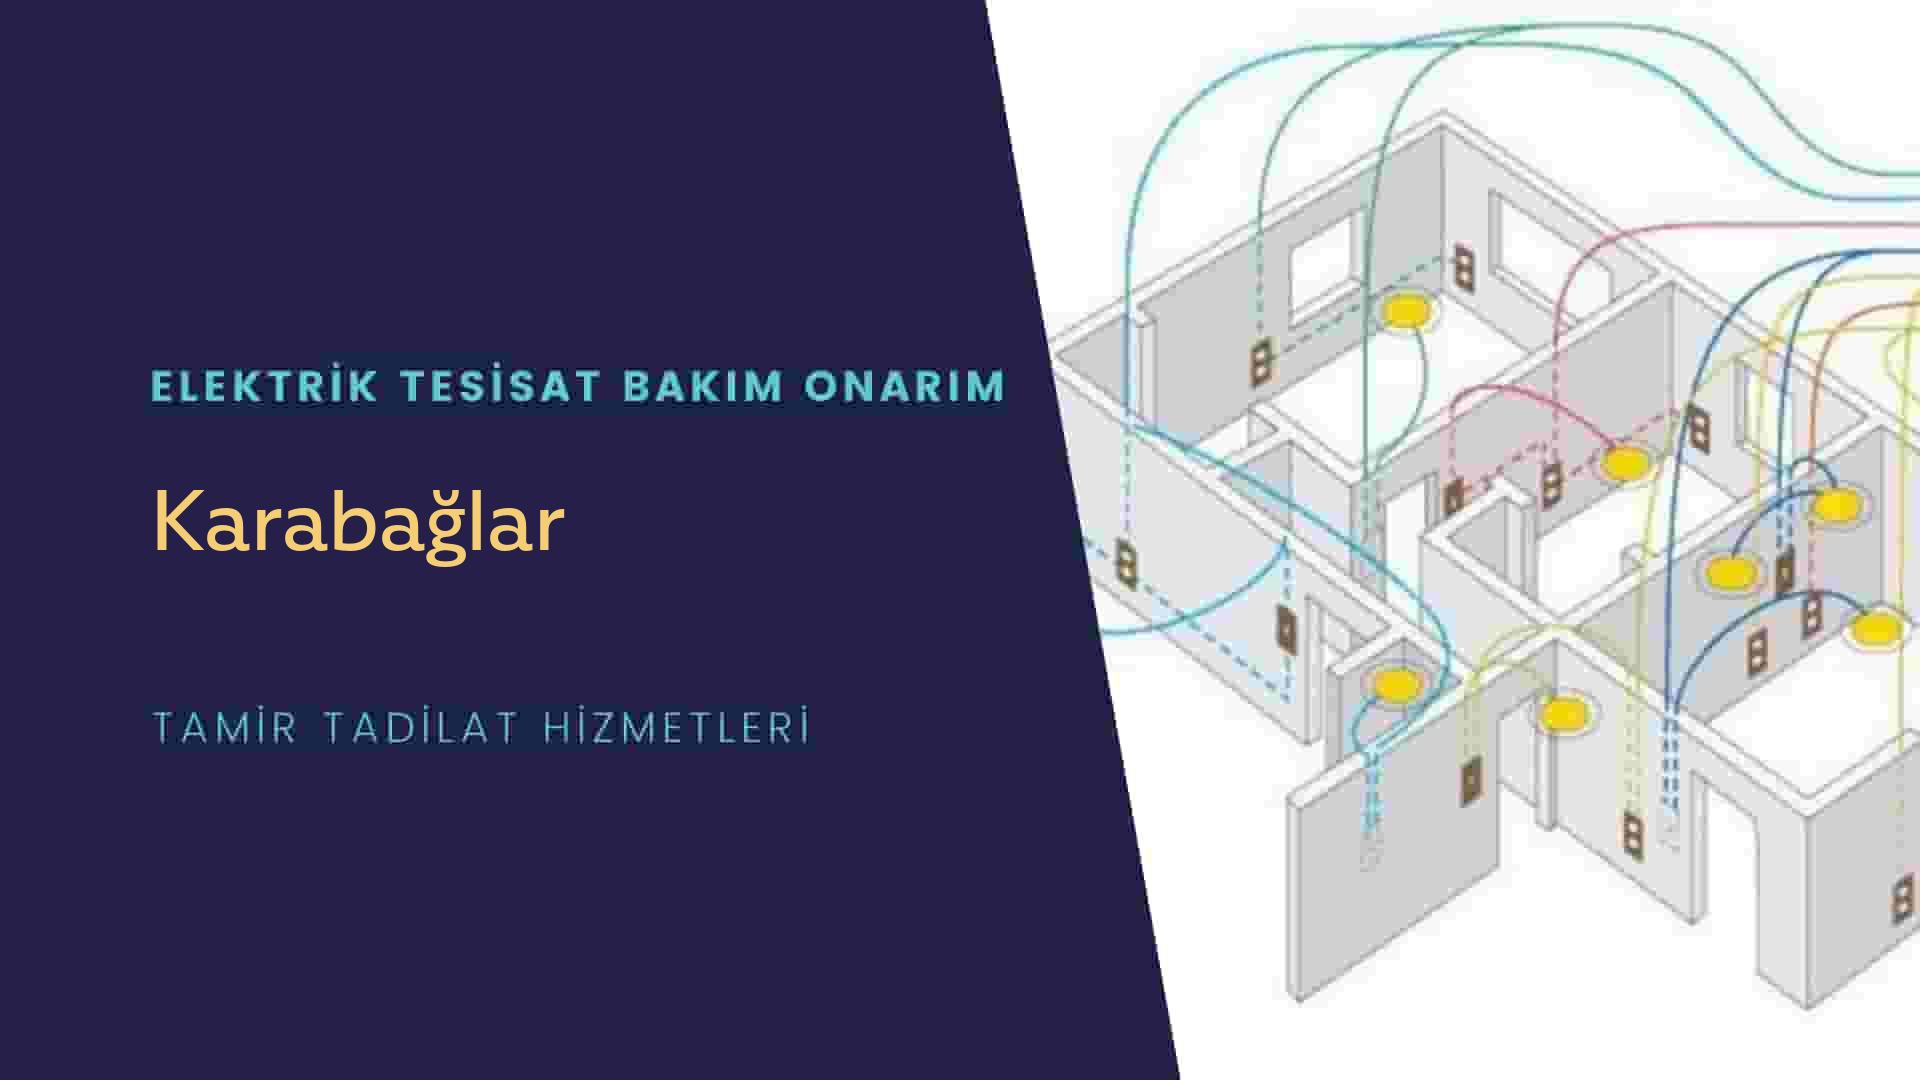 Karabağlar'da elektrik tesisatıustalarımı arıyorsunuz doğru adrestenizi Karabağlar elektrik tesisatı ustalarımız 7/24 sizlere hizmet vermekten mutluluk duyar.